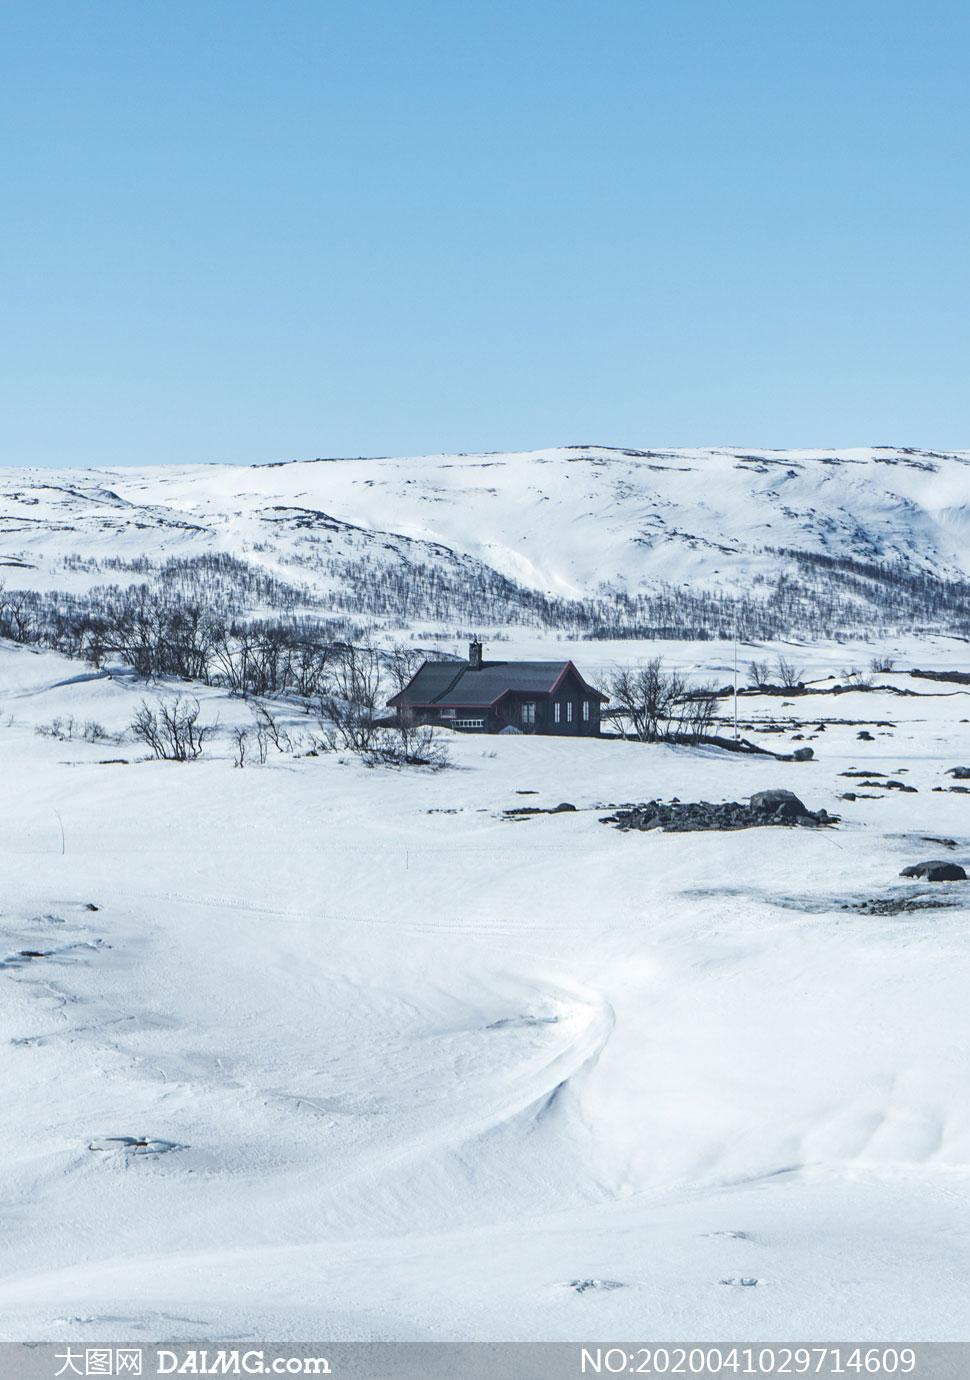 小木屋与冰天雪地风景摄影高清图片